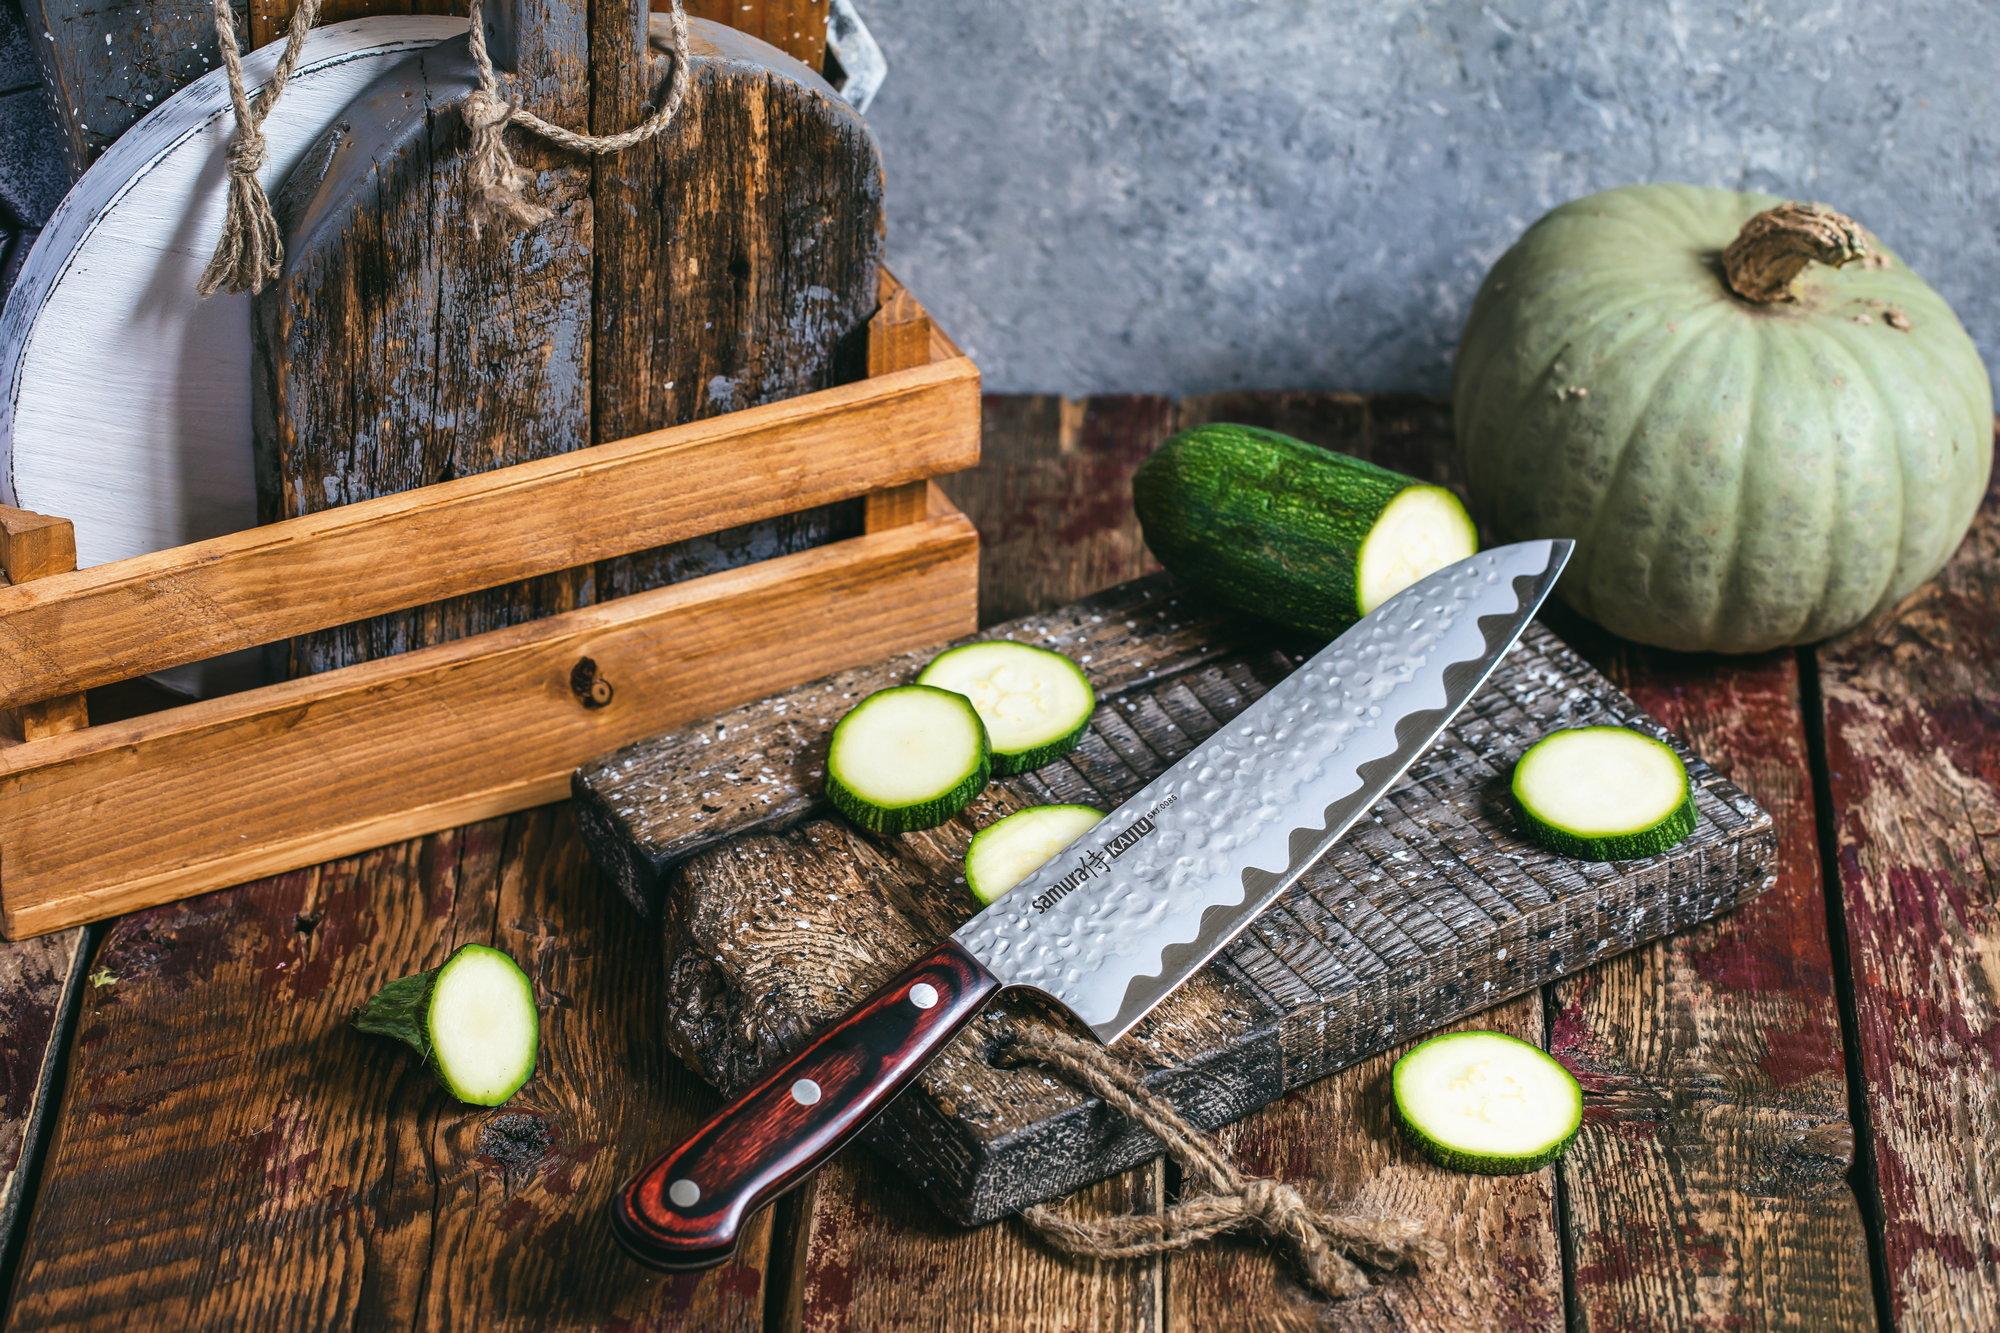 Фото 8 - Нож кухонный Samura KAIJU Шеф - SKJ-0085, сталь AUS-8, рукоять дерево, 210 мм